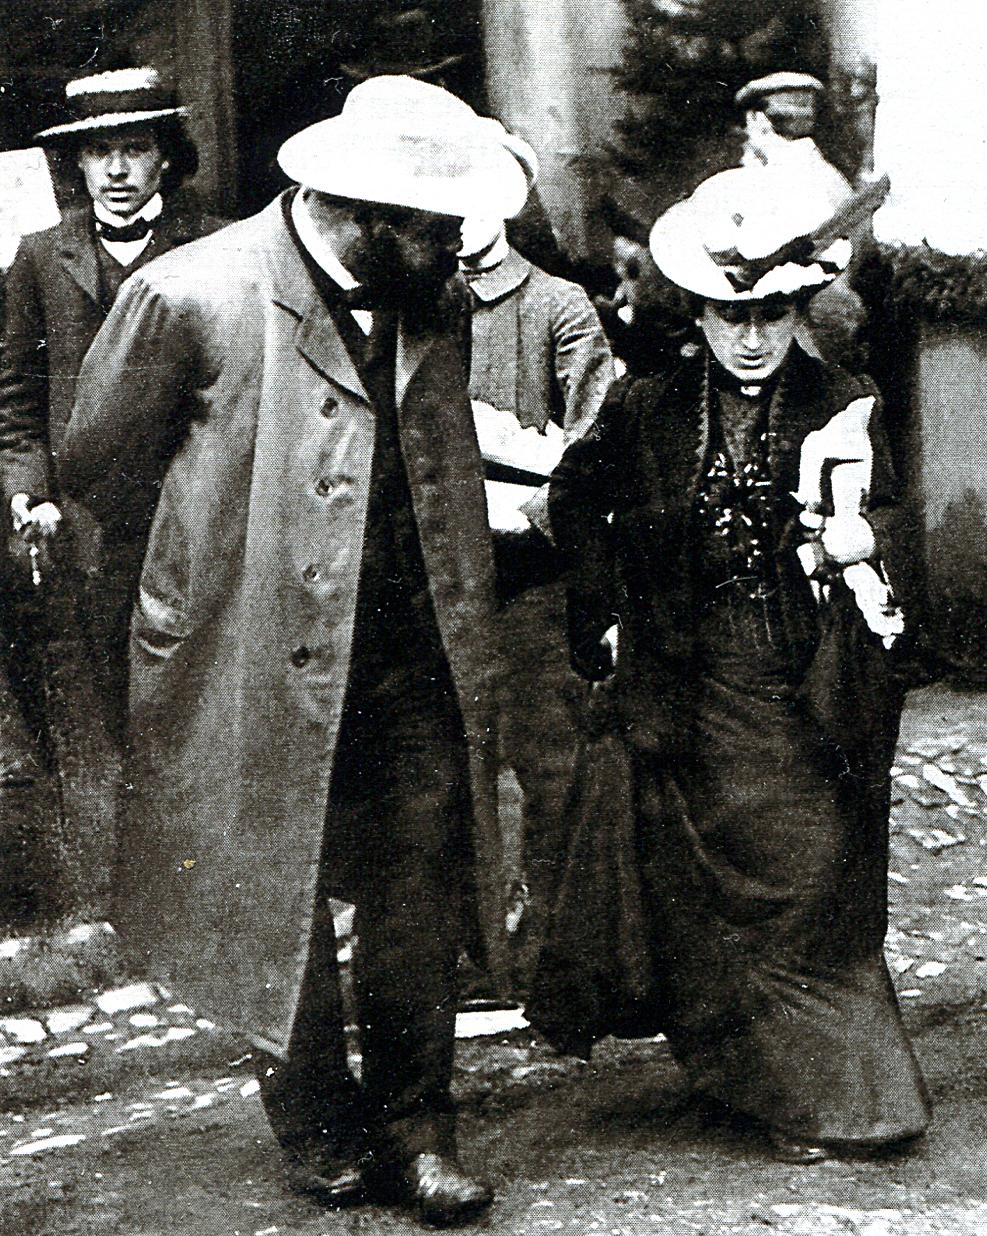 U zarania pomysłu wysłania Lenina do Rosji stał Aleksander Helphand, przedsiębiorca planujący zniszczenie caratu. Na zdjęciu z komunistką Różą Luksemburg.